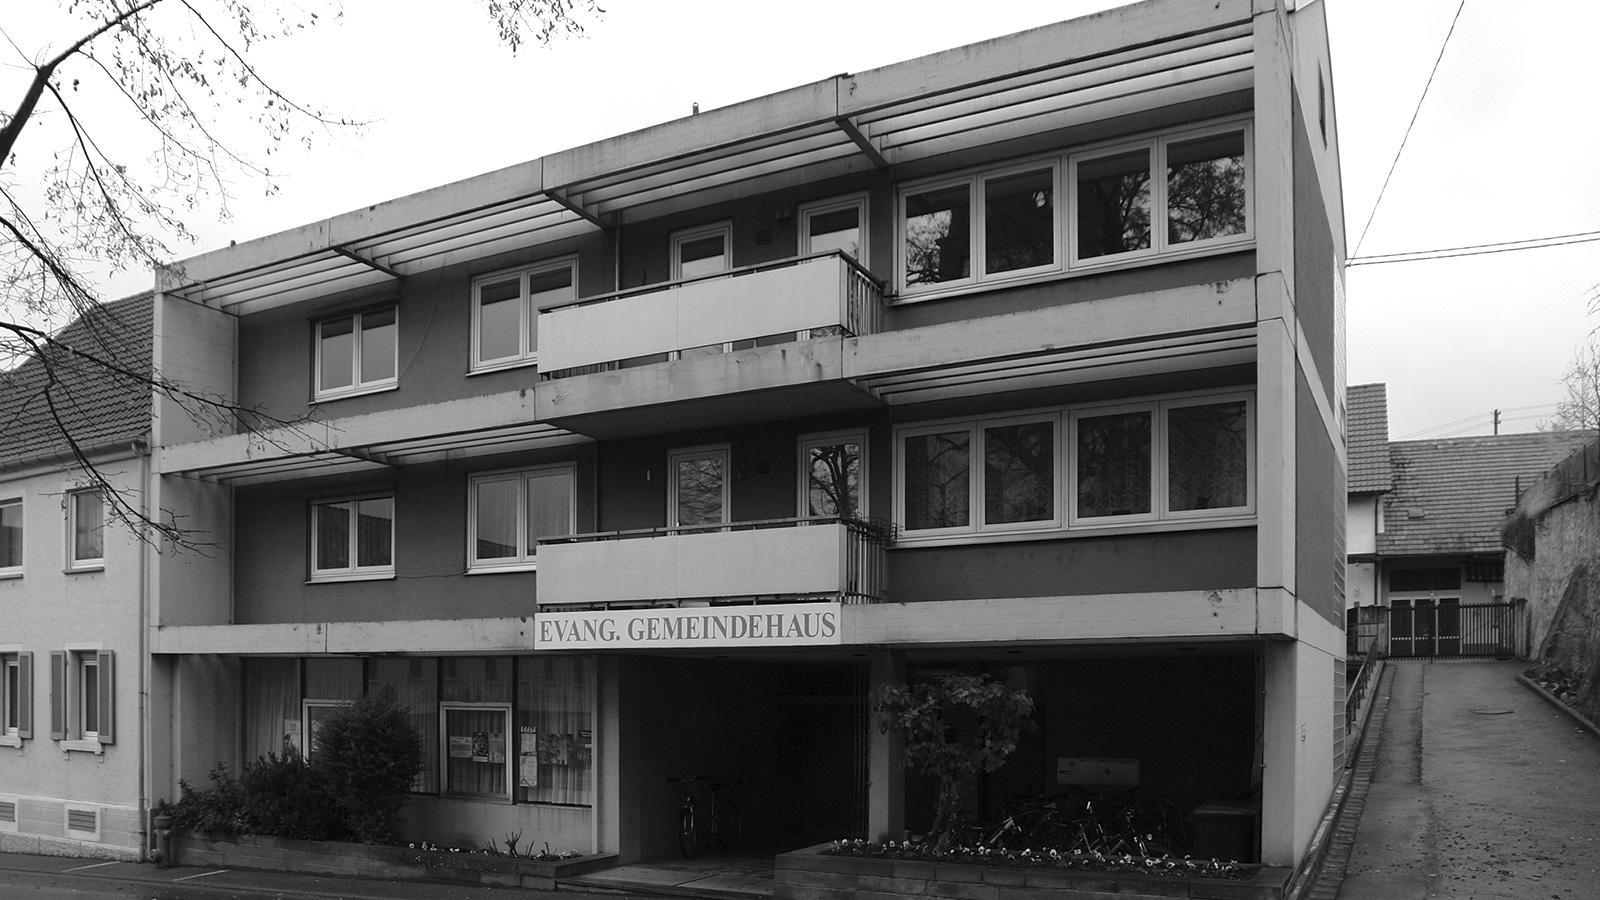 Stocker Dewes Architekten BDA – Evangelisches Gemeindehaus Bestand, Ihringen am Kaiserstuhl